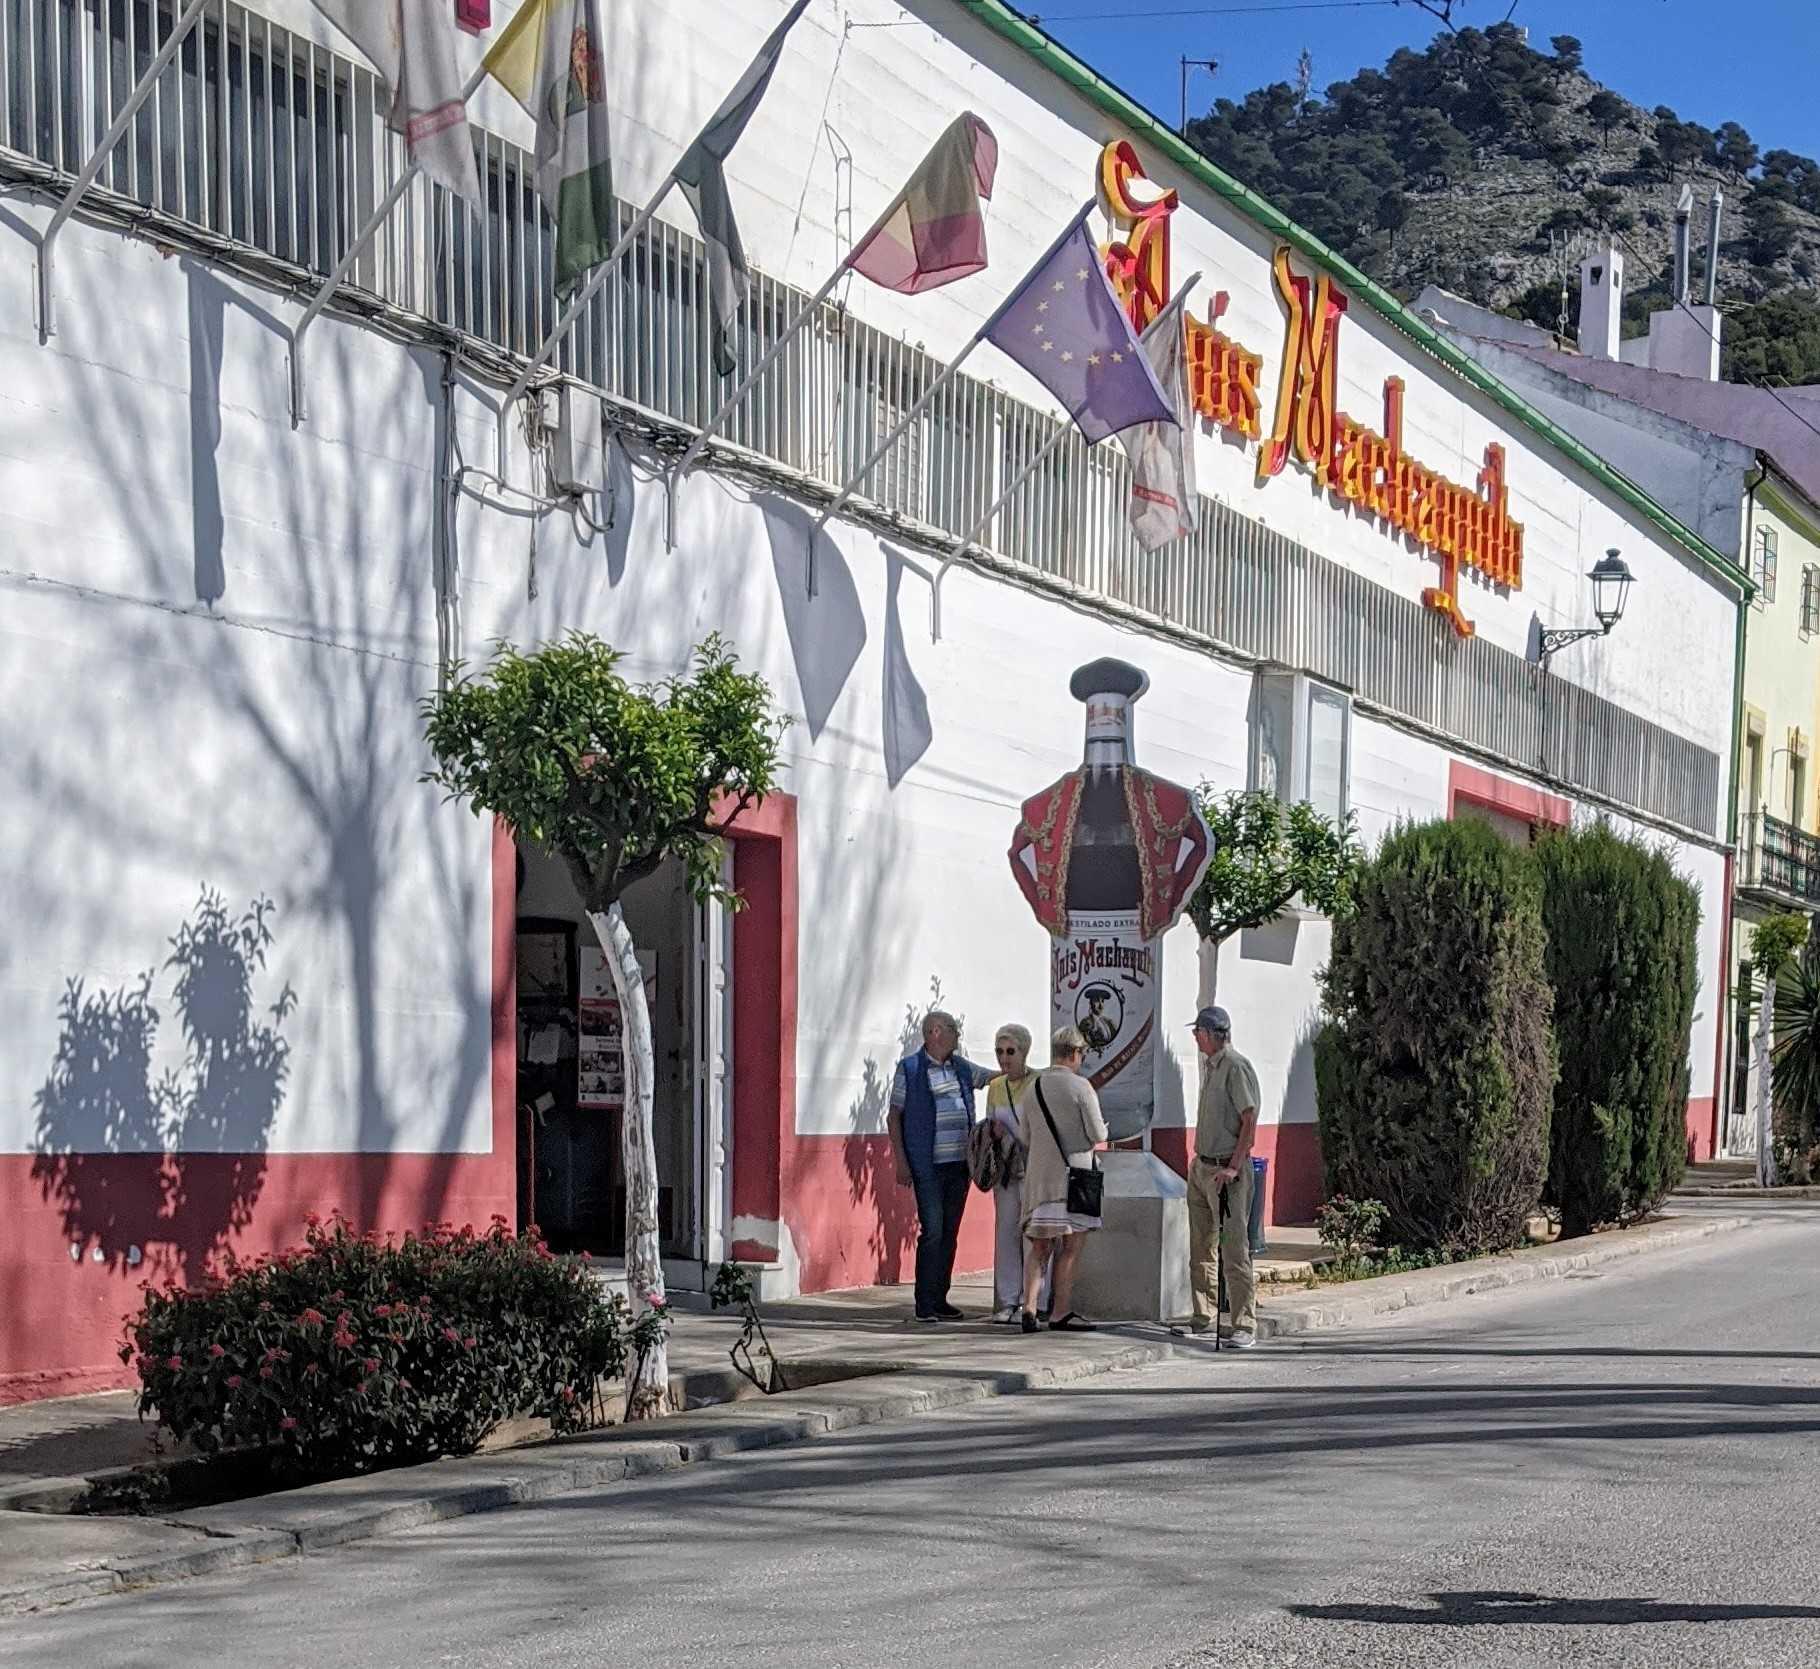 Visita la Destilería Museo de Anís Machaquito, la más antigua de España en actividad